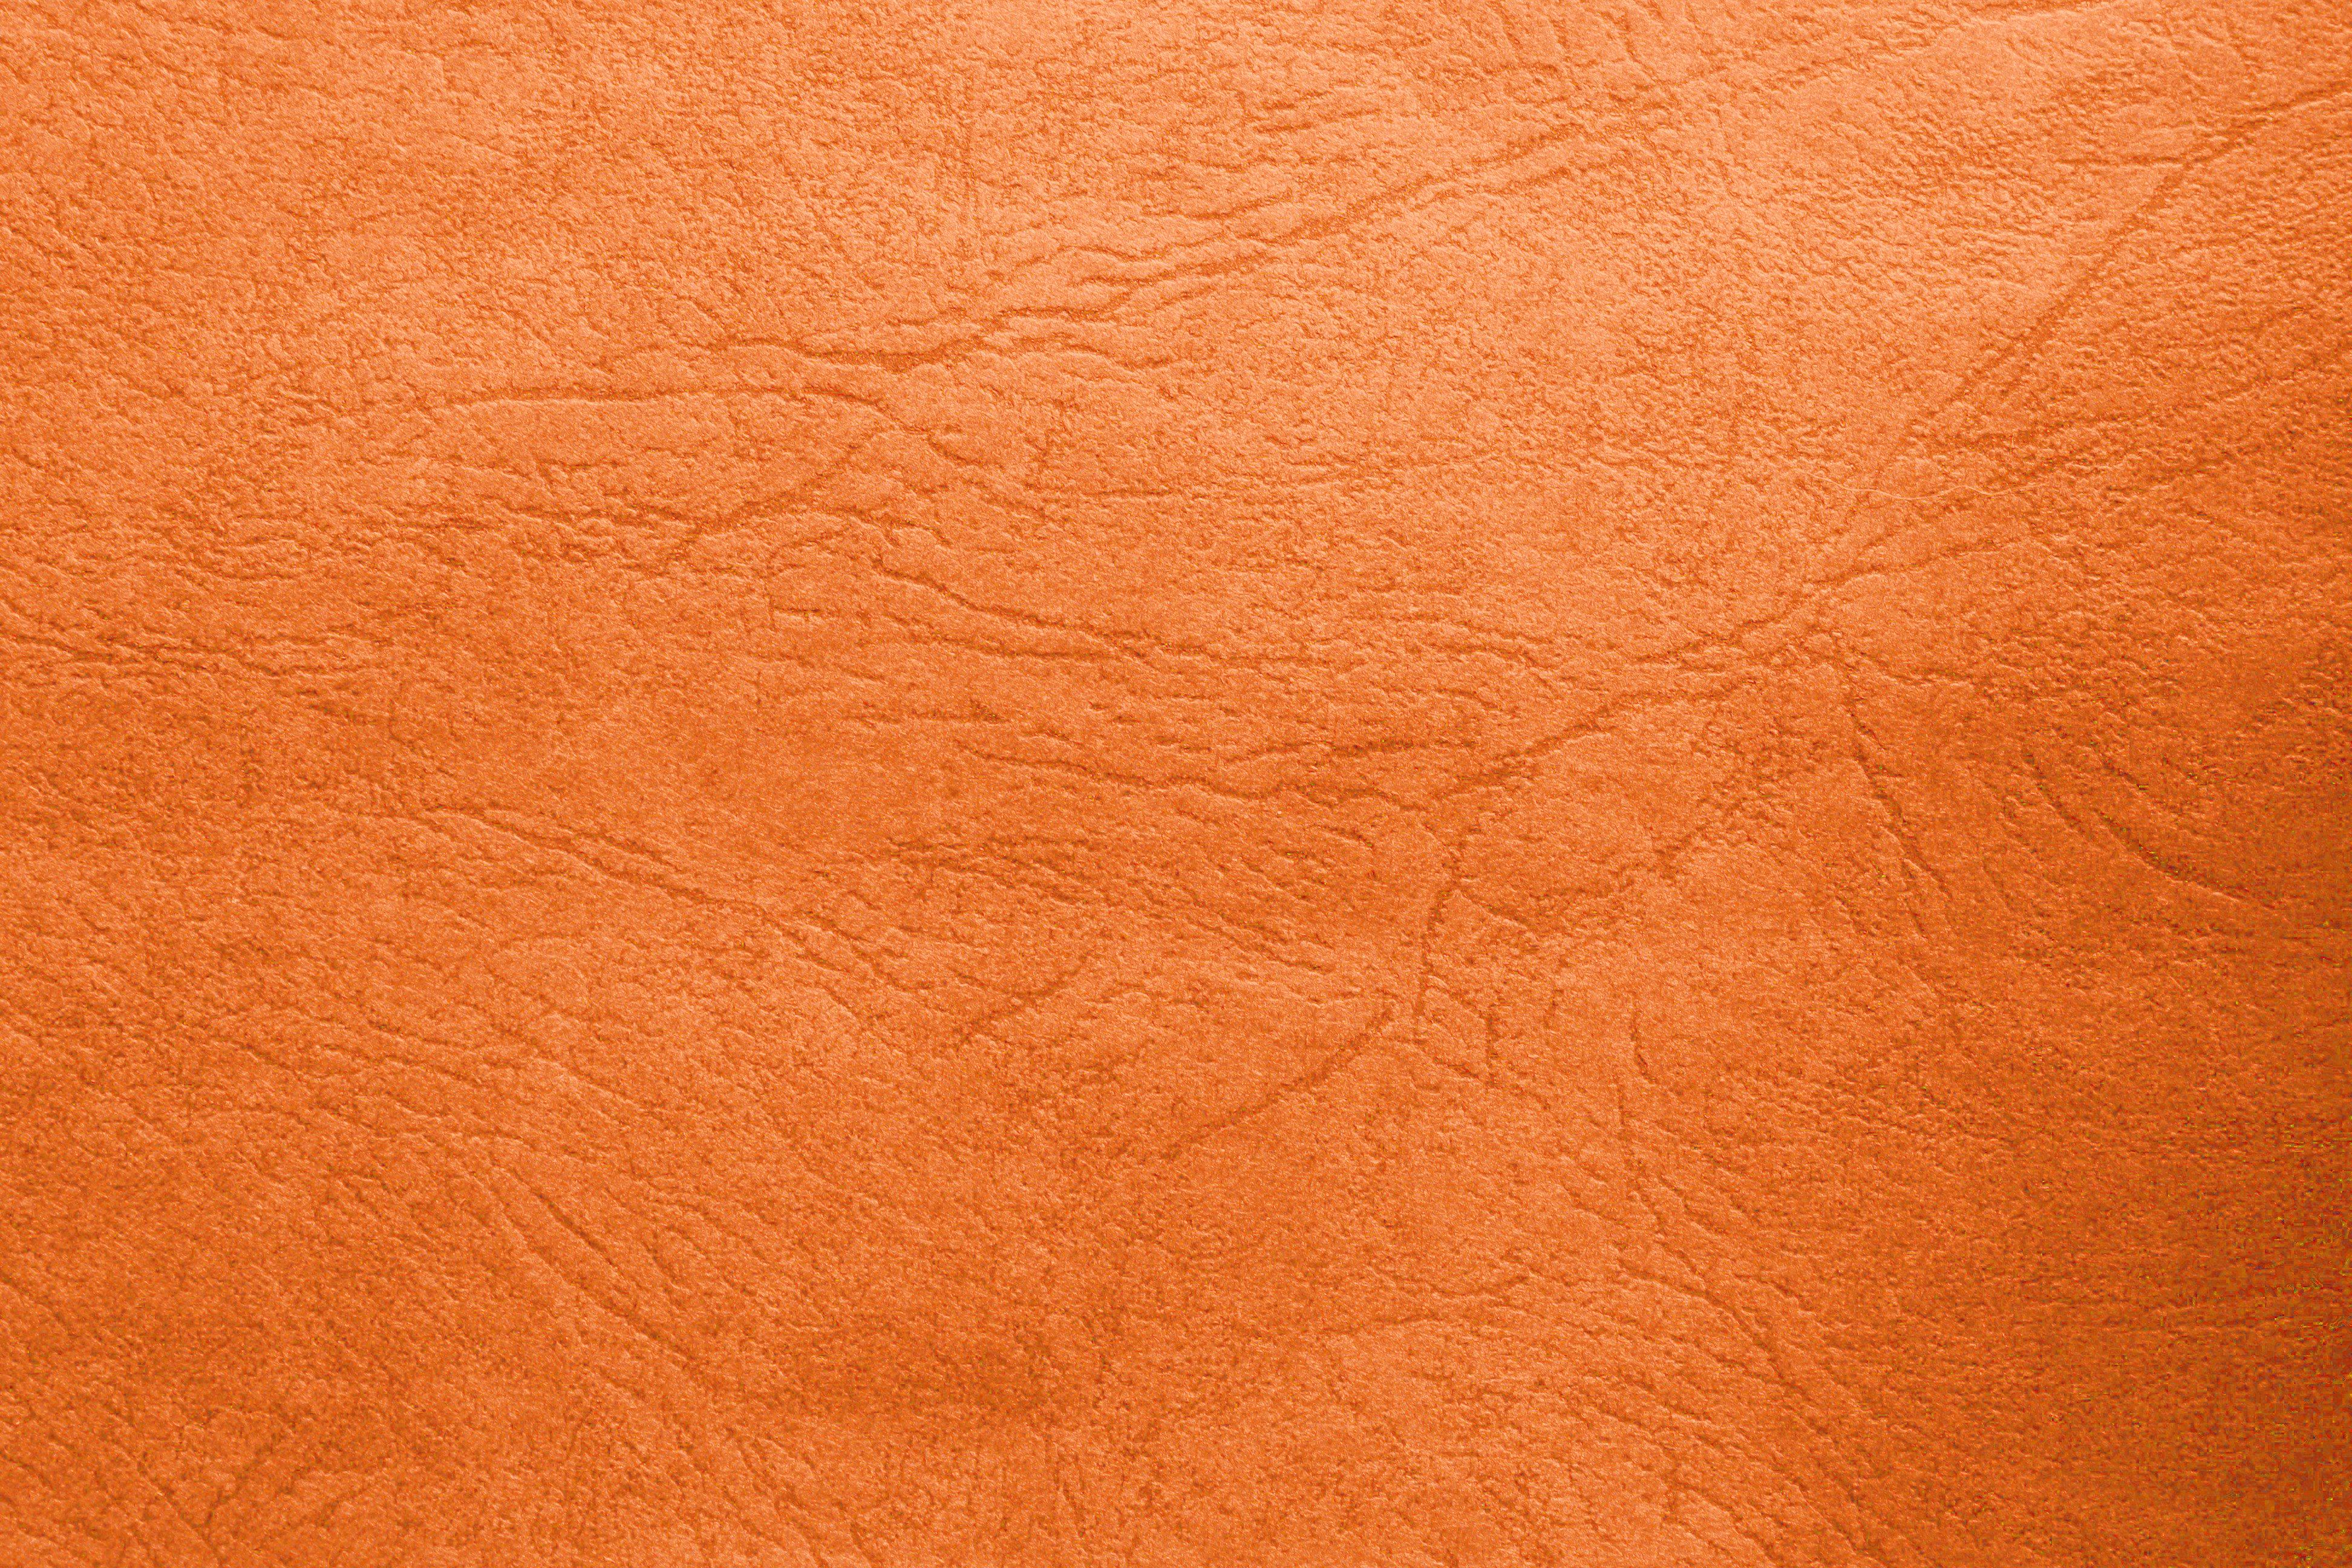 Orange Leather Texture Picture | Free Photograph | Photos Public Domain